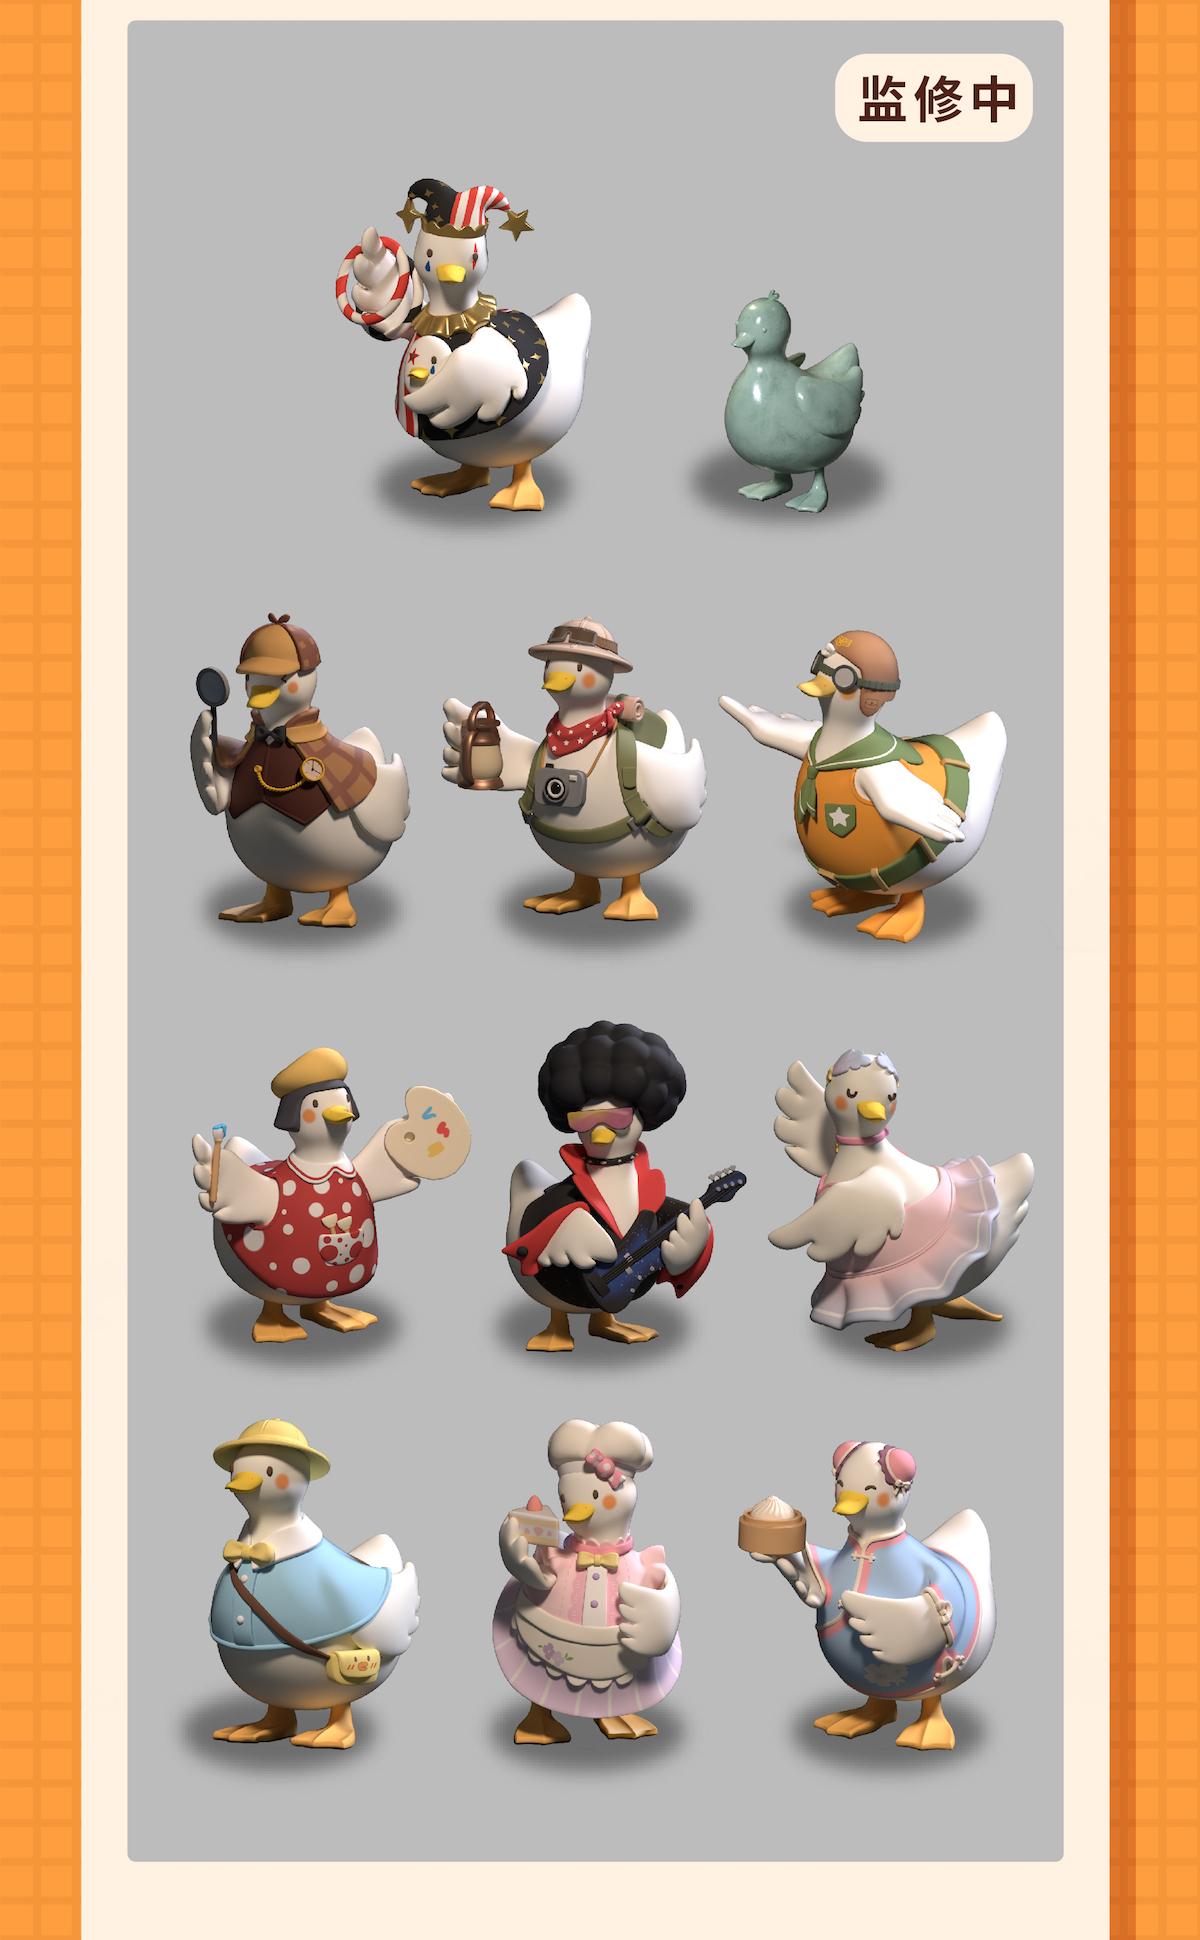 鸭子预售2-09.jpg